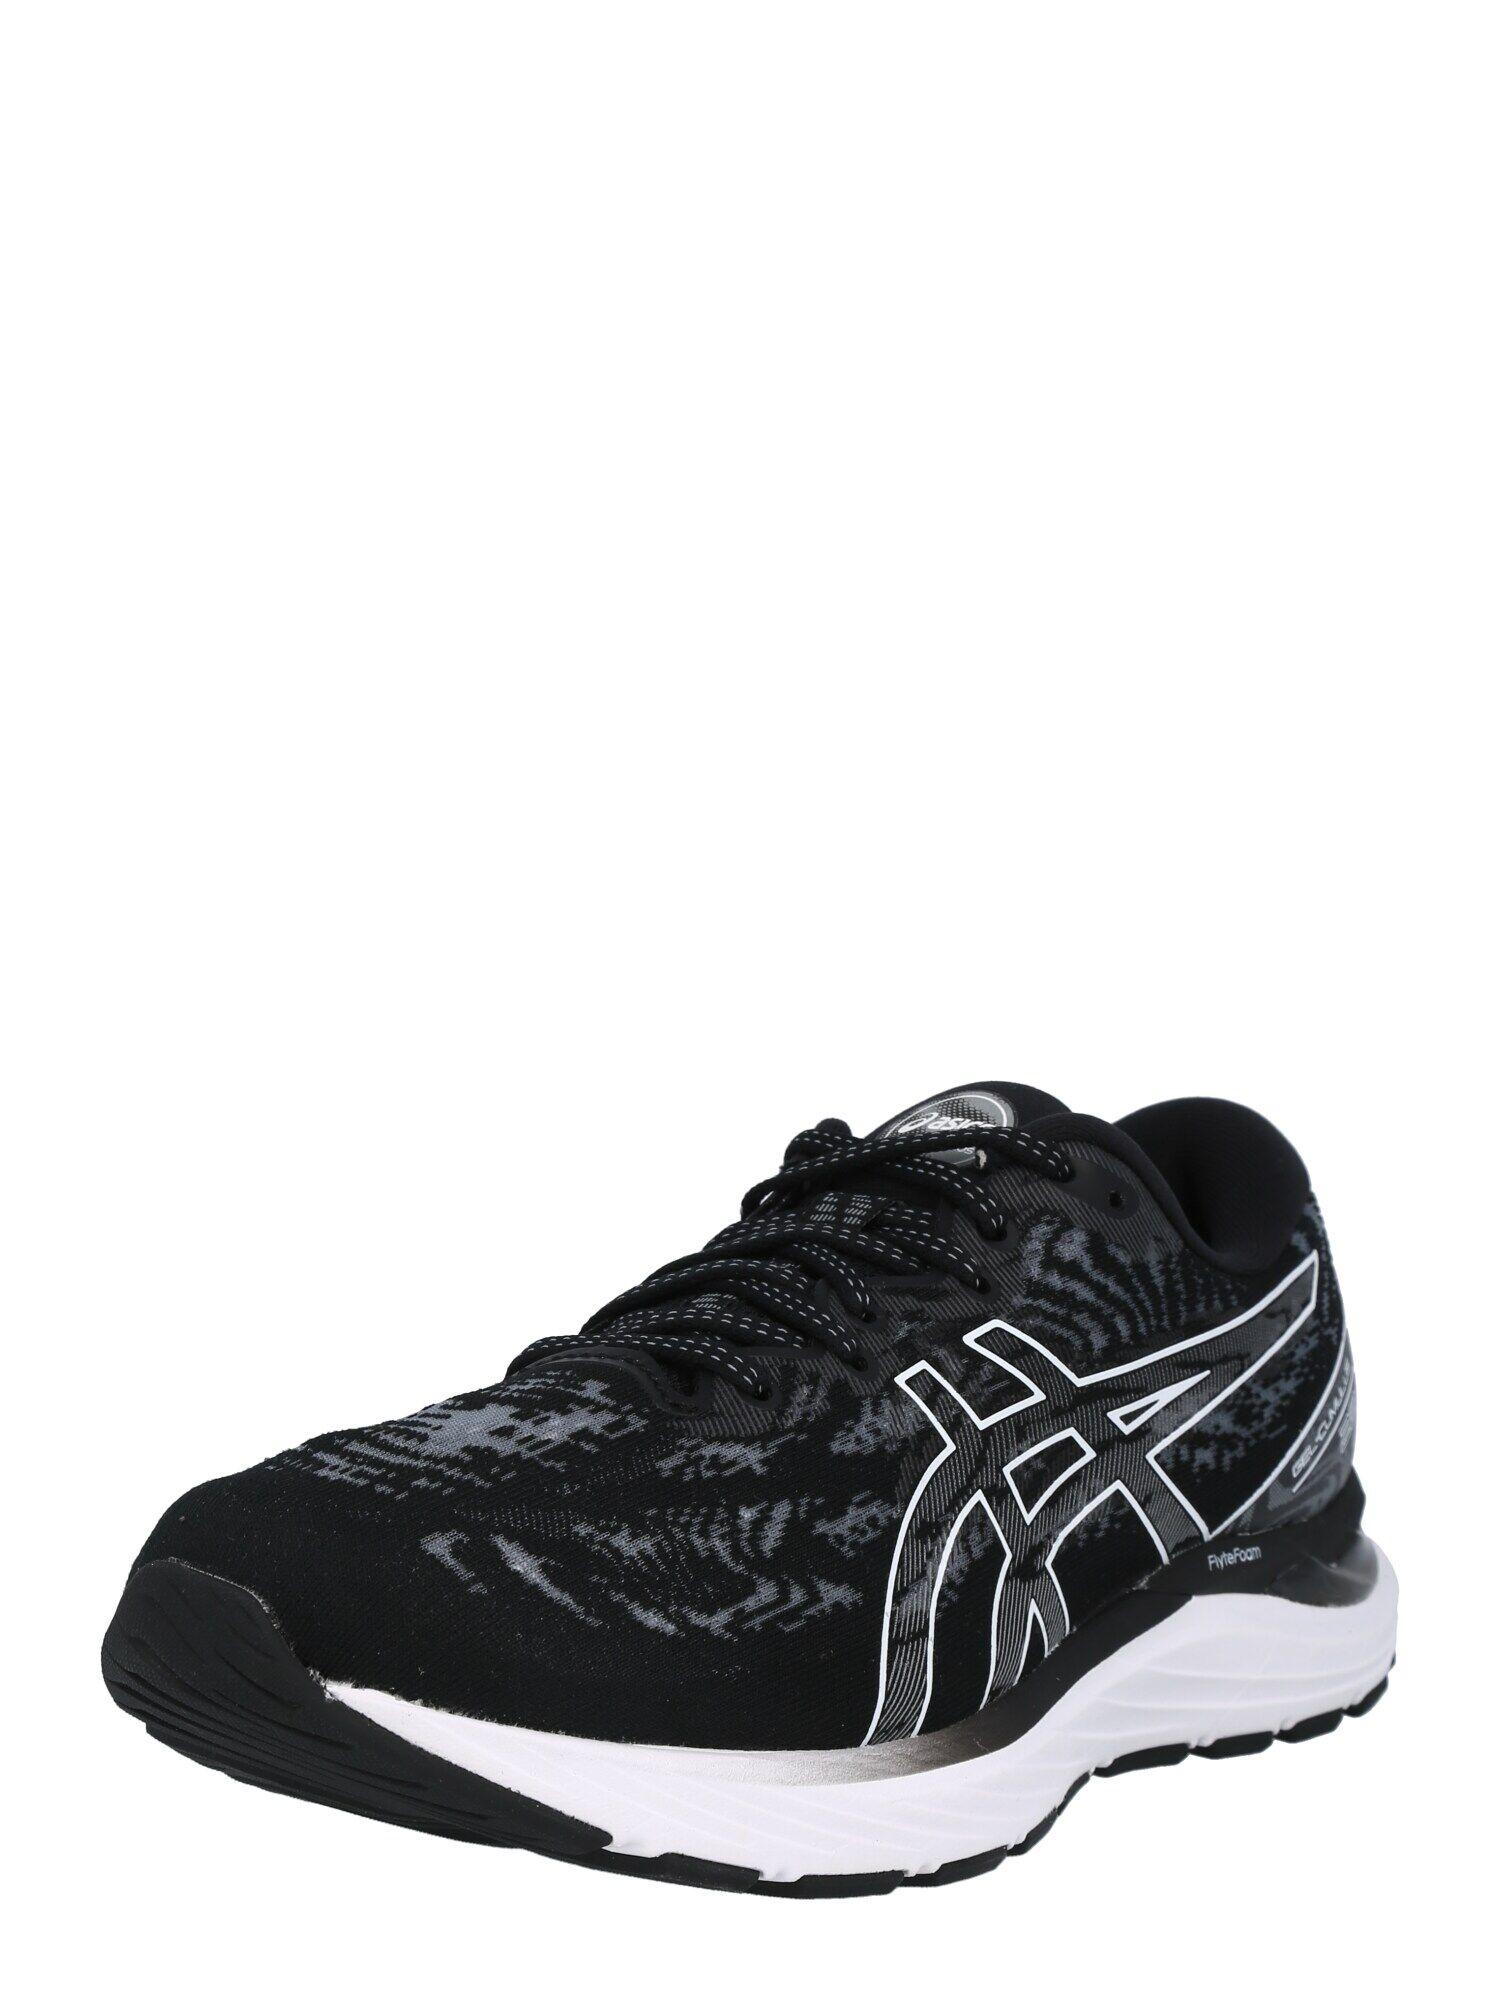 Asics Chaussure de course  - Noir - Taille: 44 - male